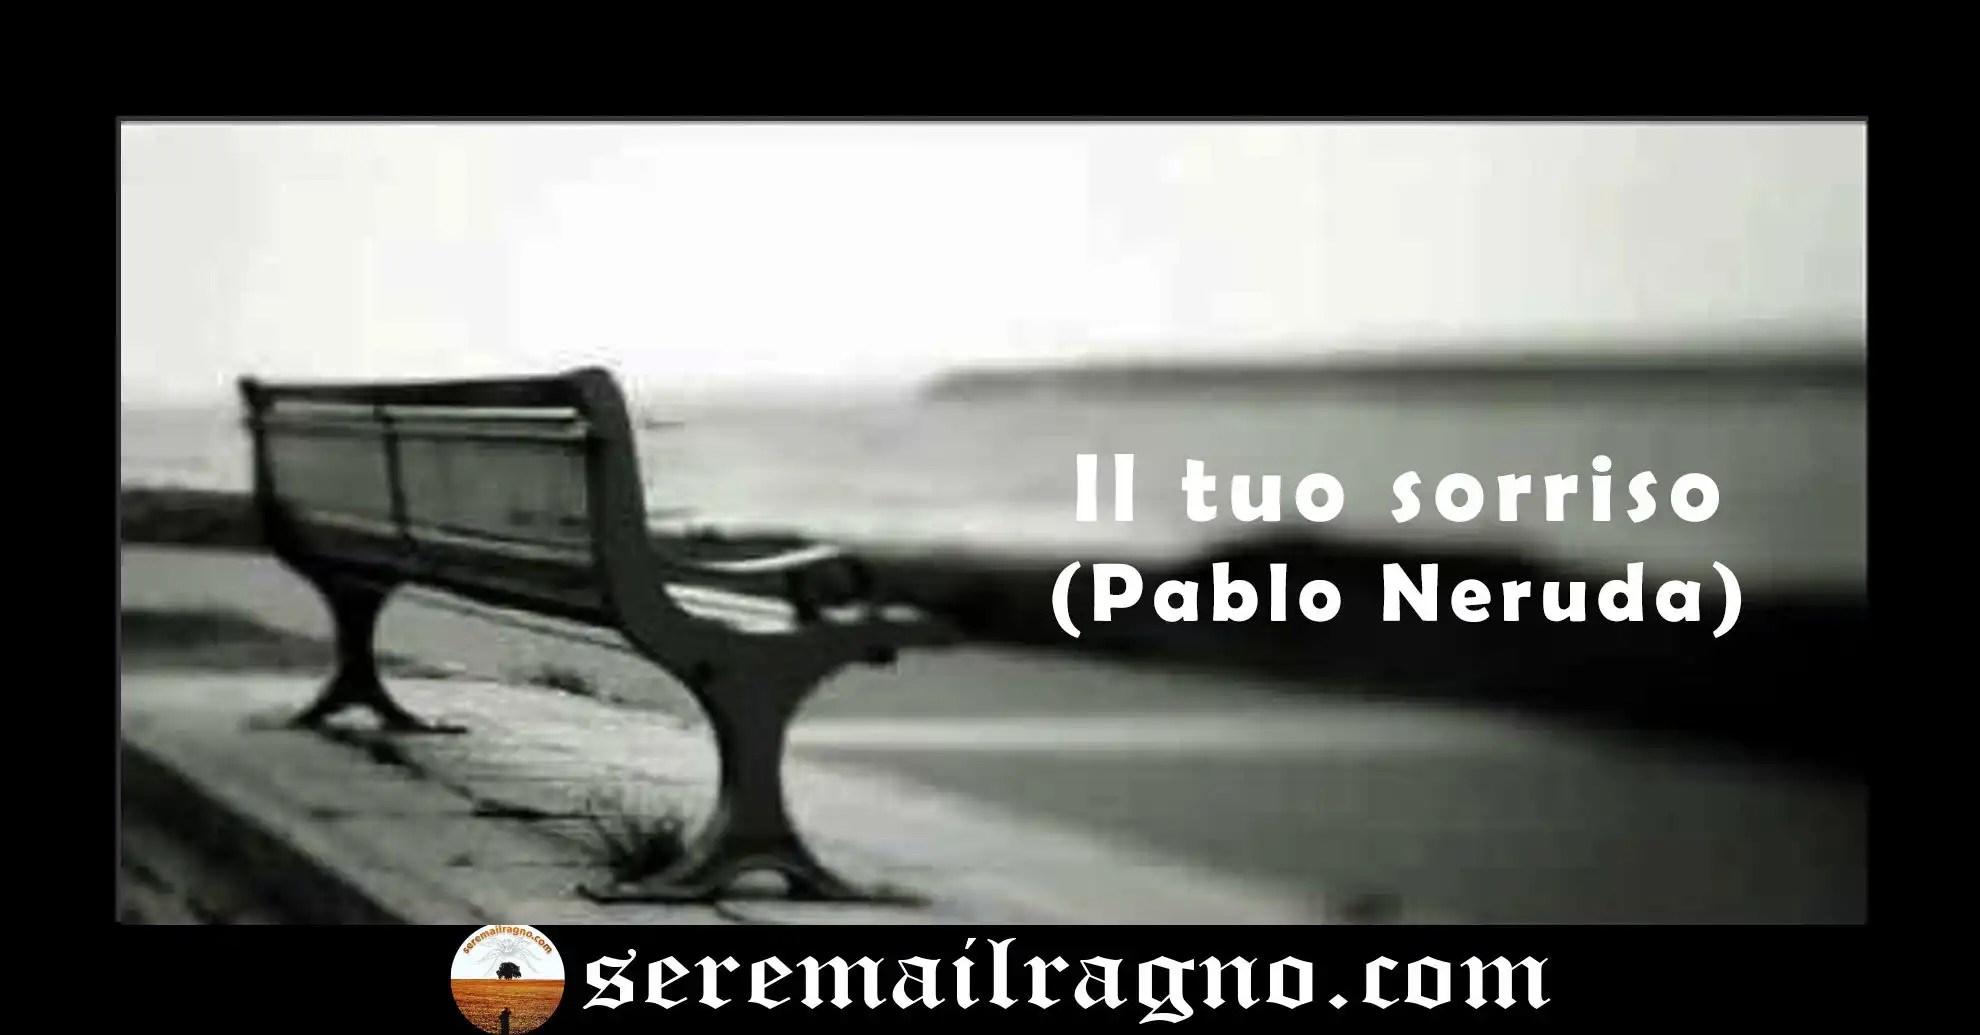 Il tuo sorriso-Pablo Neruda [Testo+Audio]